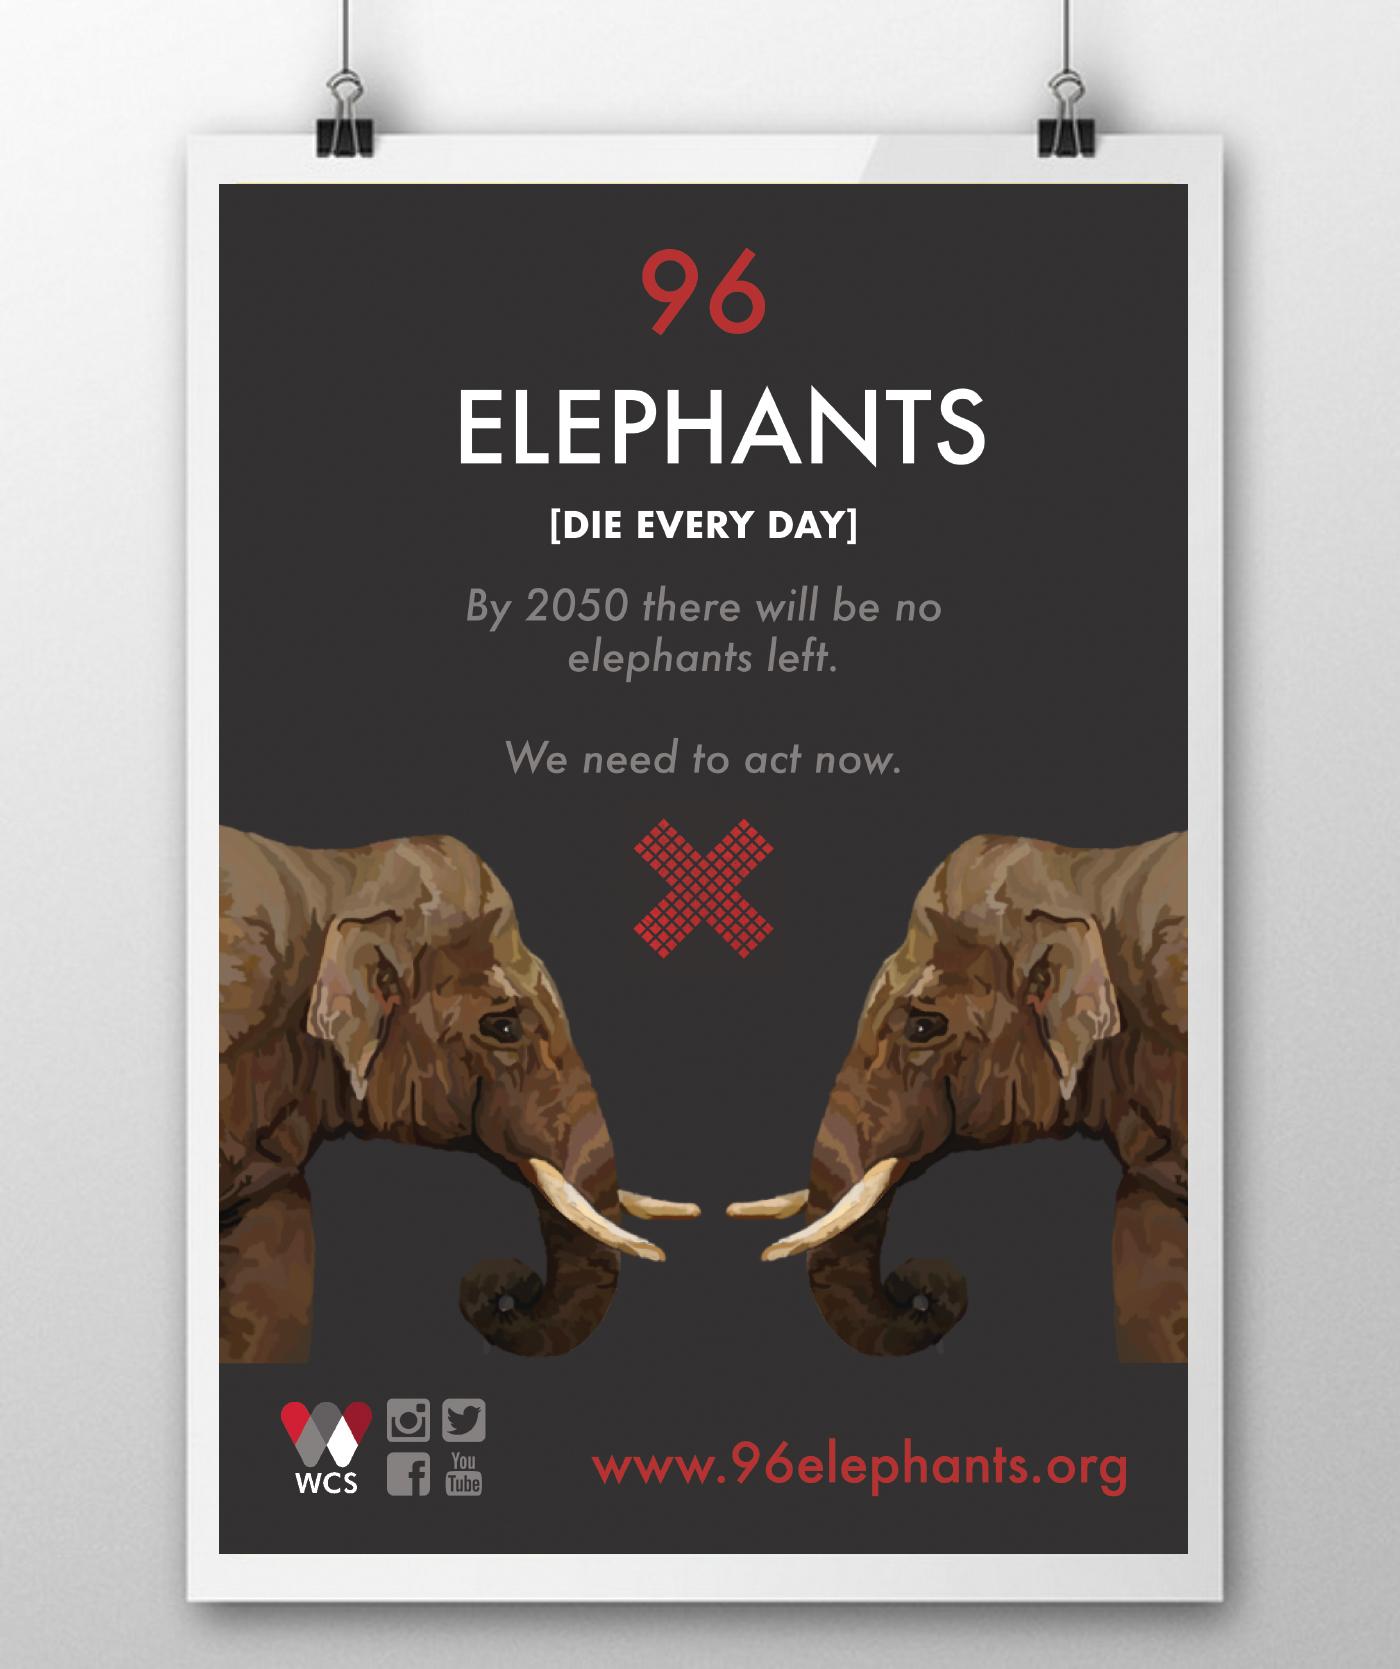 campaign promotion 96 elephants